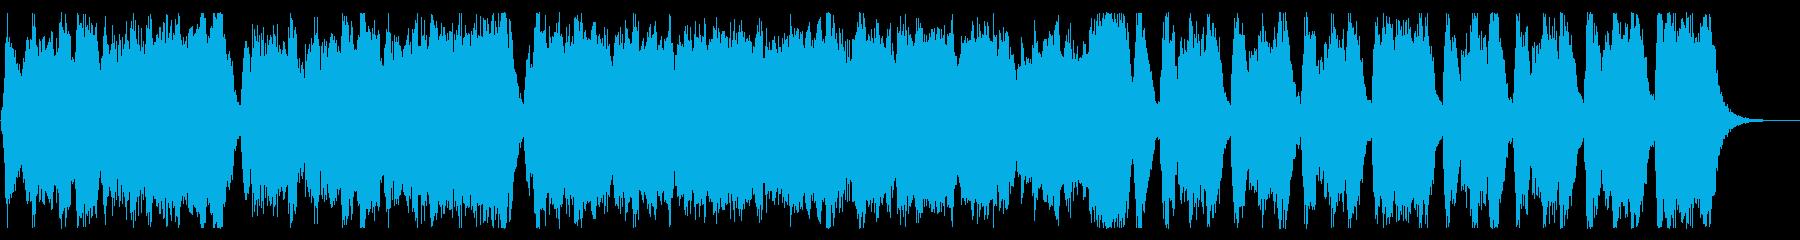 熱い金管楽器の旋律の再生済みの波形